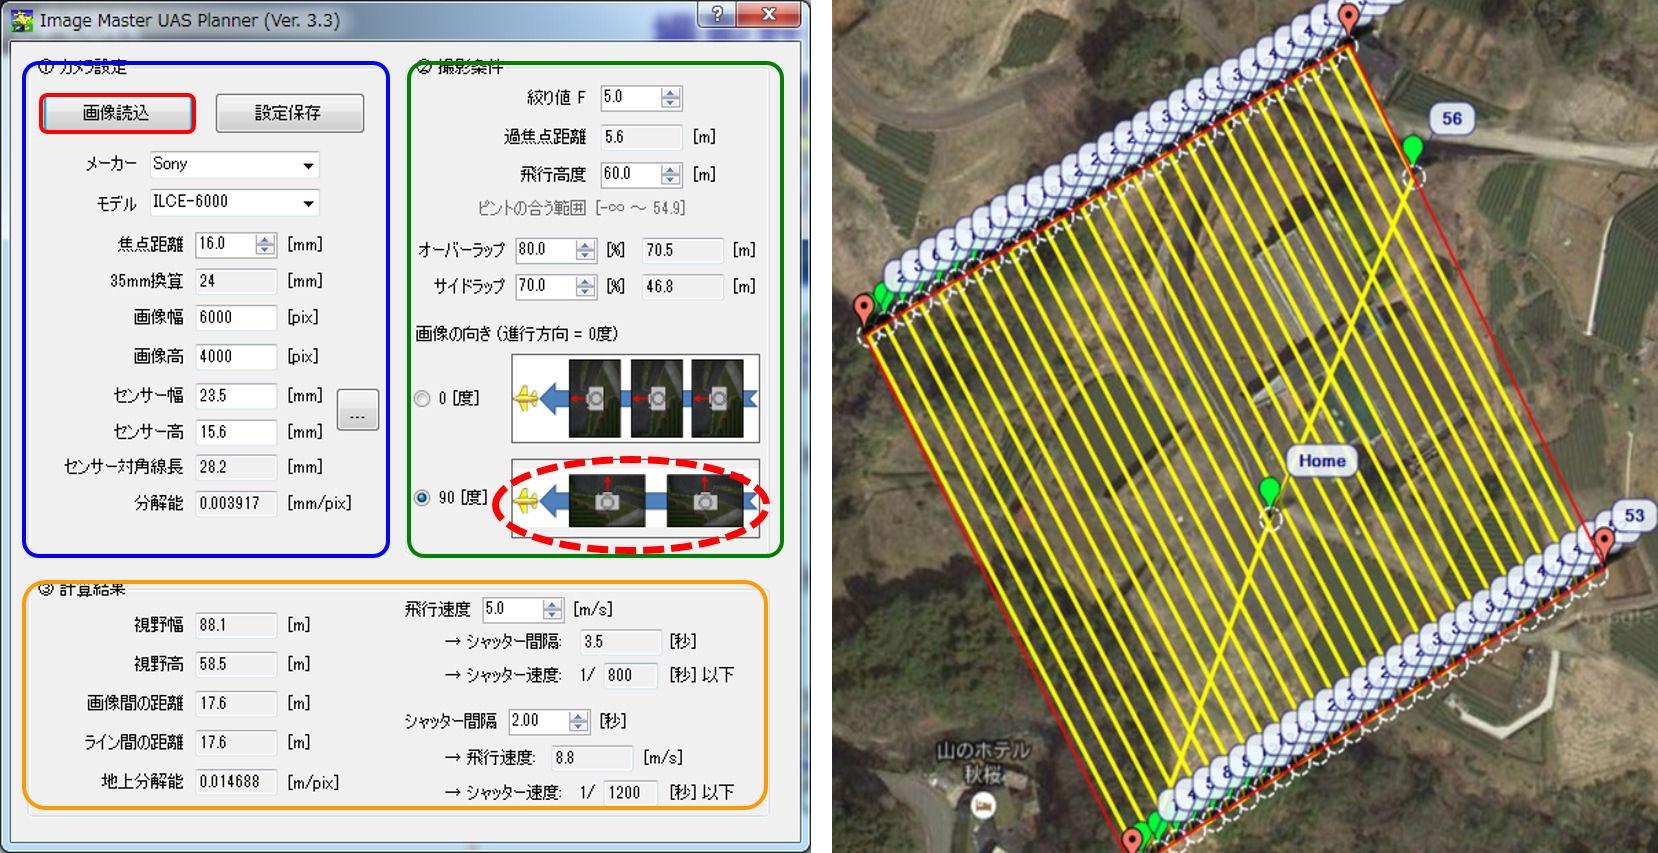 トプコンのソフトウェア「Image Master UAS Planner」でシャッター間隔などを求めた例(左)と、自動操縦用の飛行ルートの設定(右)